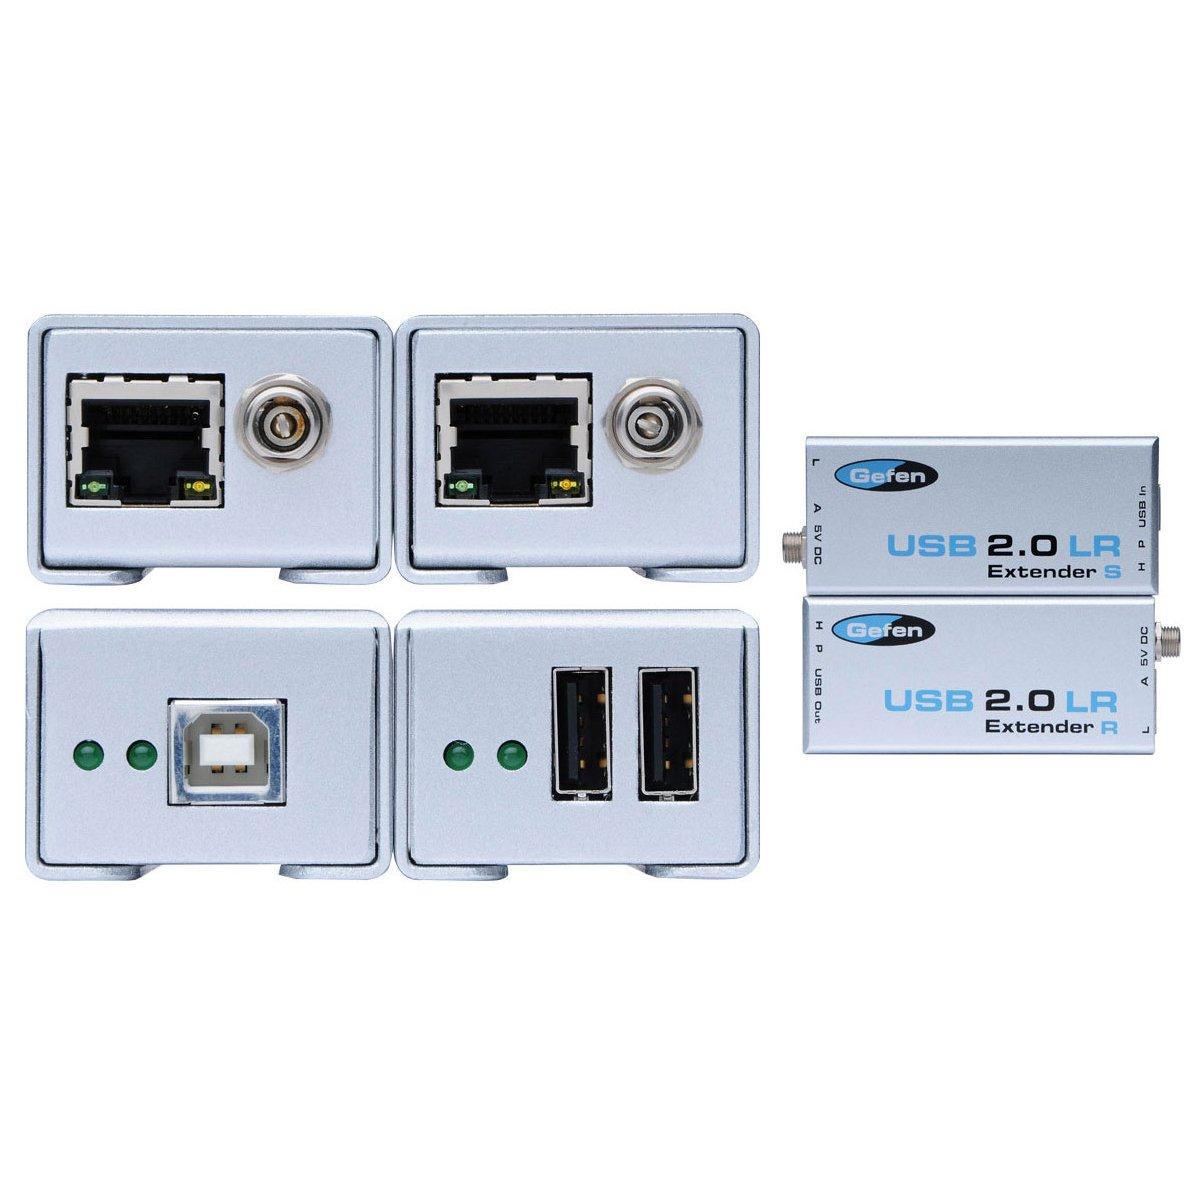 Gefen EXT-USB2-0-LR USB 2.0 Extender by Gefen